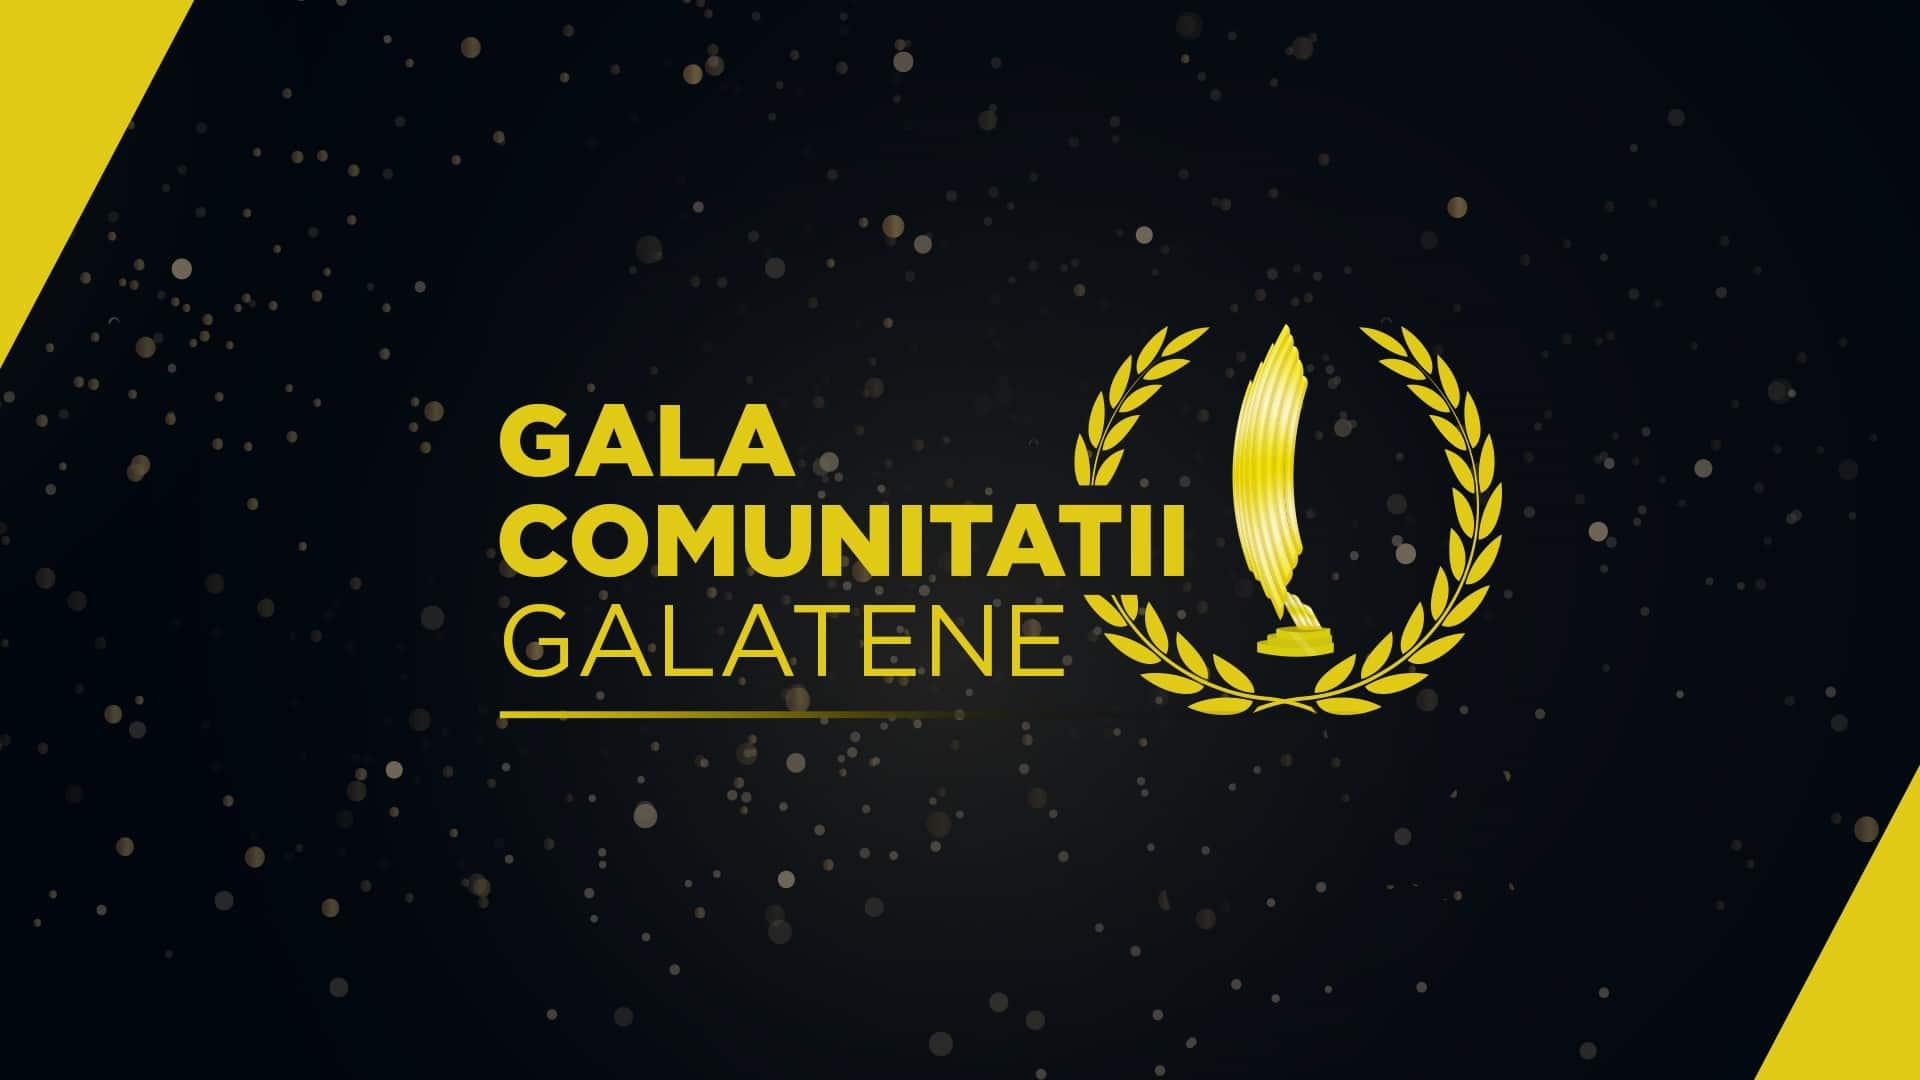 GALA COMUNITĂȚII GĂLĂȚENE se deschide pentru prima oară în 2017!